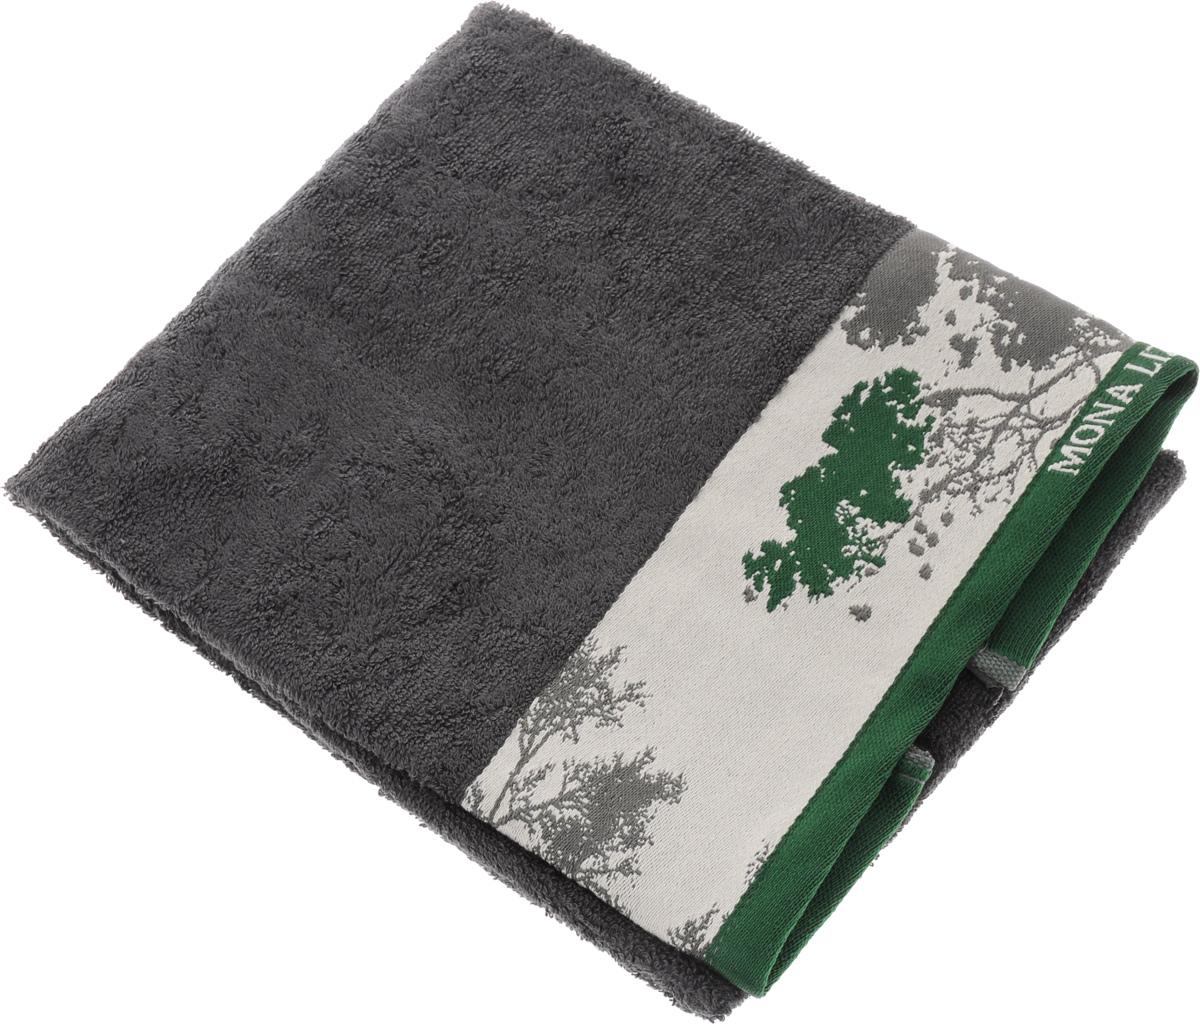 Полотенце Mona Liza Nature, цвет: графит, светло-серый, зеленый, 50 х 90 см529673/1Мягкое полотенце Nature изготовлено из 30%хлопка и 70% бамбукового волокна. ПолотенцеNature с жаккардовым бордюром обладаетвысокой впитывающей способностью и сочетает всебе элегантную роскошь ипрактичность. Благодаря высокому качествуизготовления, полотенце будет радовать вас многиегоды. Мотивы коллекцииMona Liza Premium bu Serg Look навеяныитальянскимифресками эпохи Ренессанса, периода удивительнойгармонии в искусстве. Впредставленной коллекции для нанесения на тканьрисунка применяется многоцветная печать, методреактивного крашения, которыйпозволяет создать уникальную цветовую гамму,напоминающую старинные фрески. Этот методтакже обеспечивает высокуюустойчивость краски при стирке.